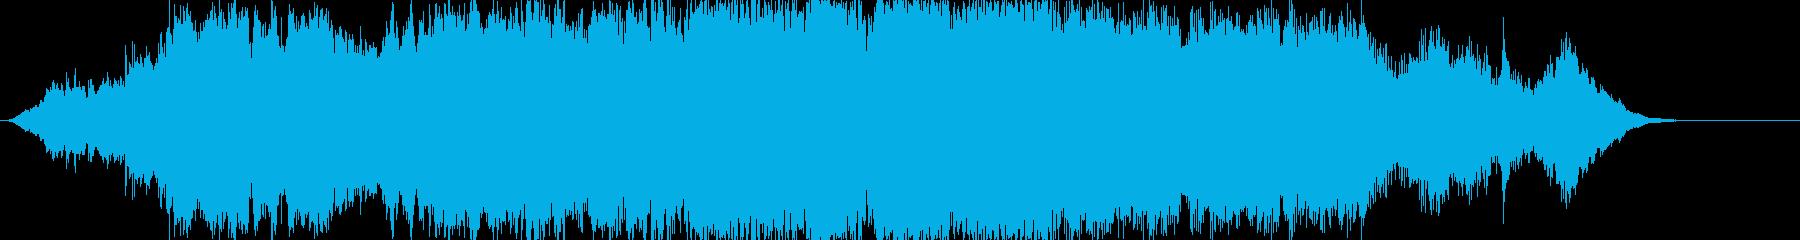 動画 技術的な 説明的 クール a...の再生済みの波形